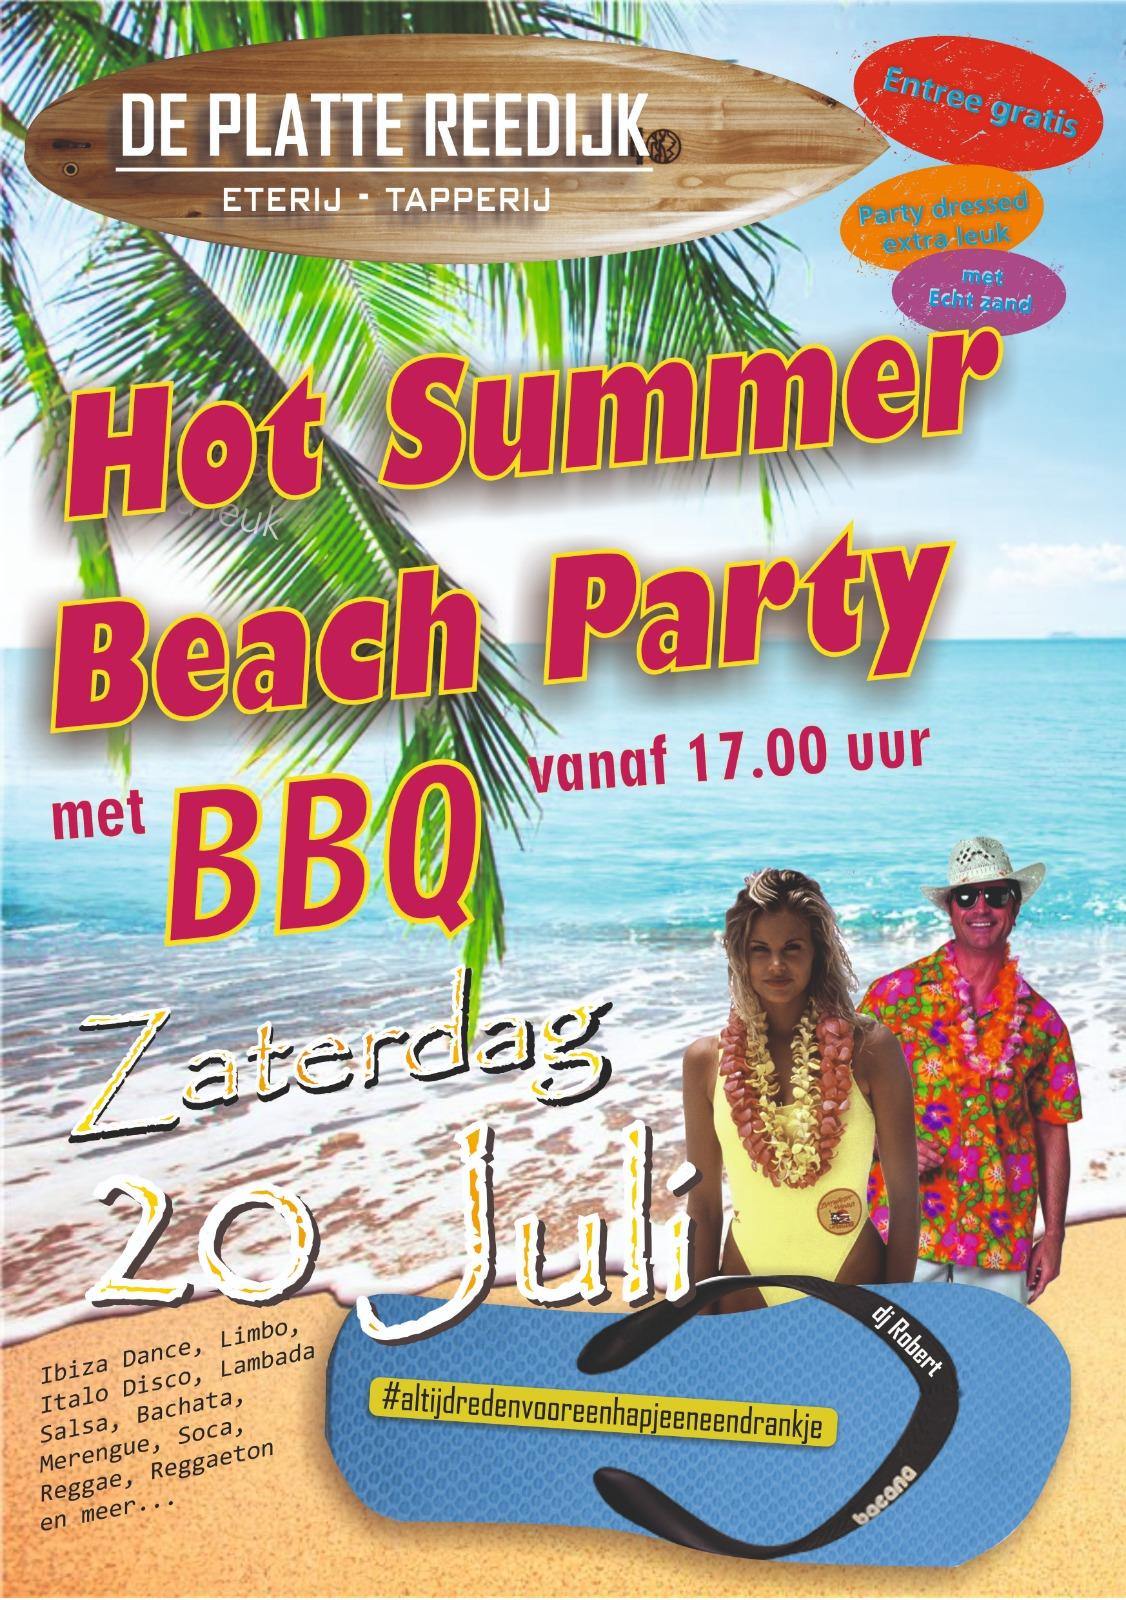 Summer beach party @deplattereedijk